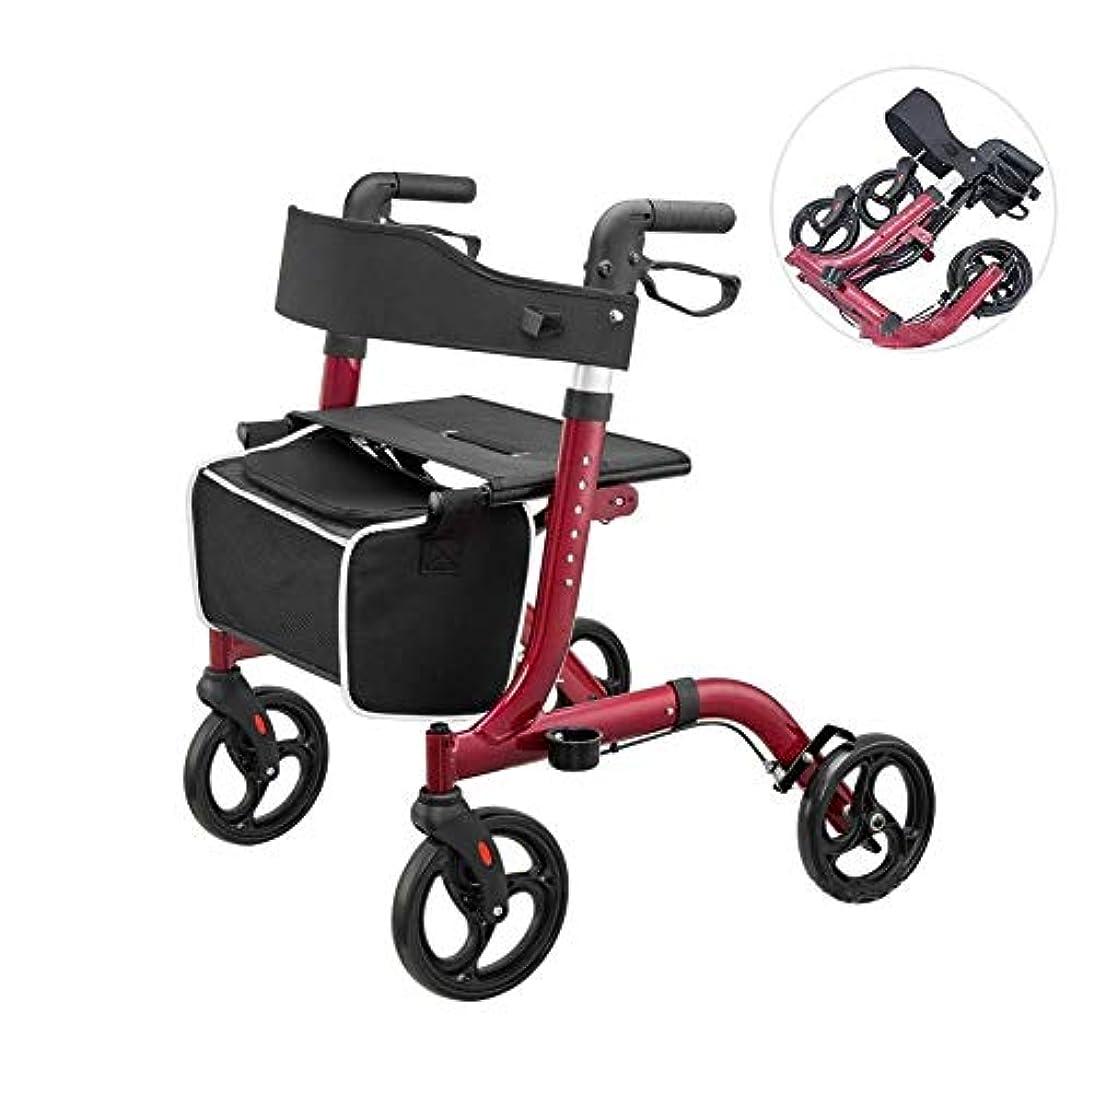 障害者および老人用の座席と買い物かごを備えた軽量折りたたみ式歩行器